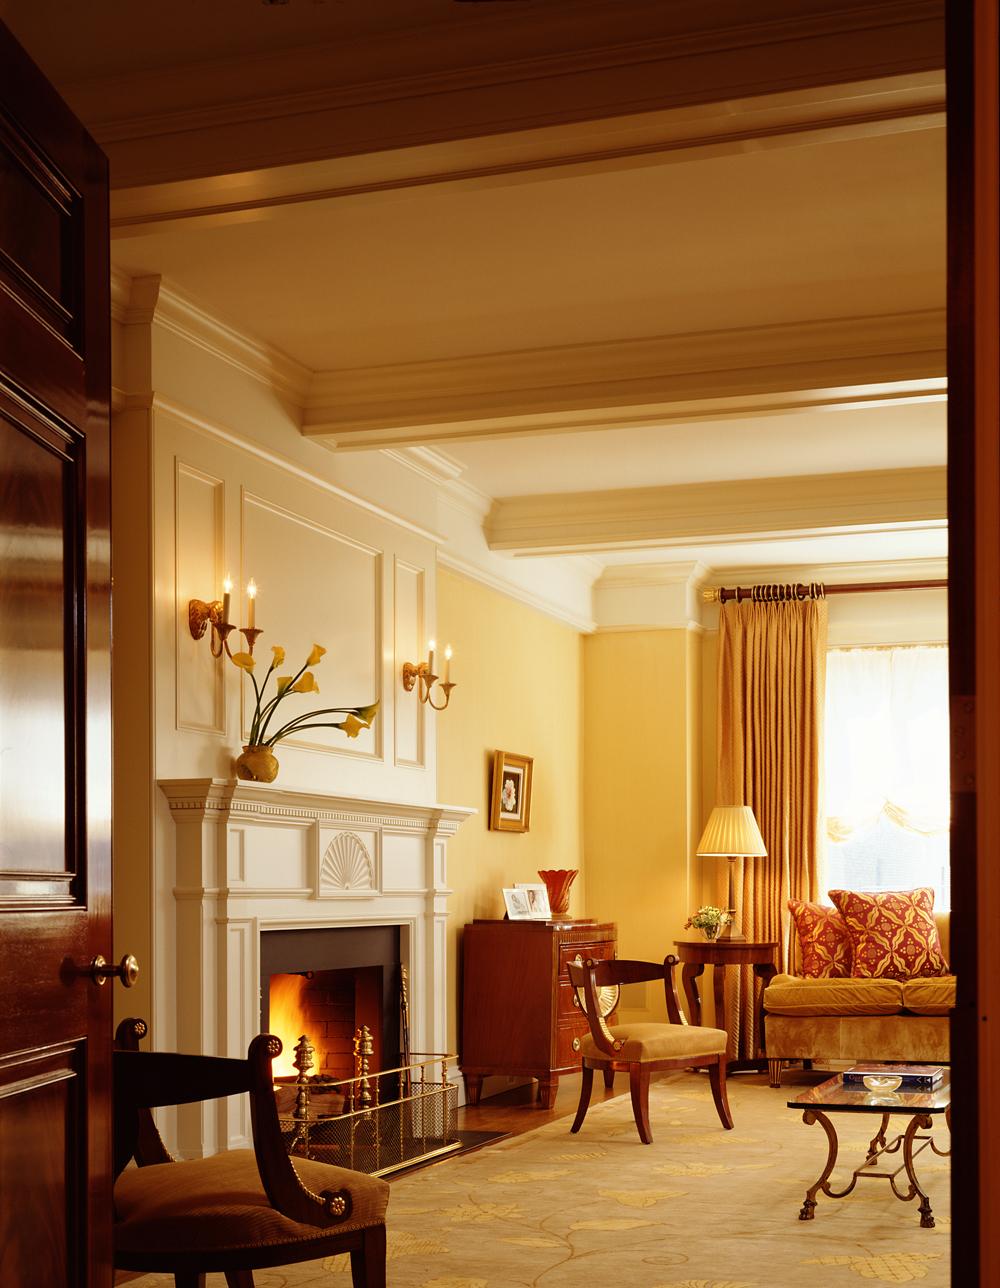 llewellyn-park-avenue-nyc-living-room-1.jpg